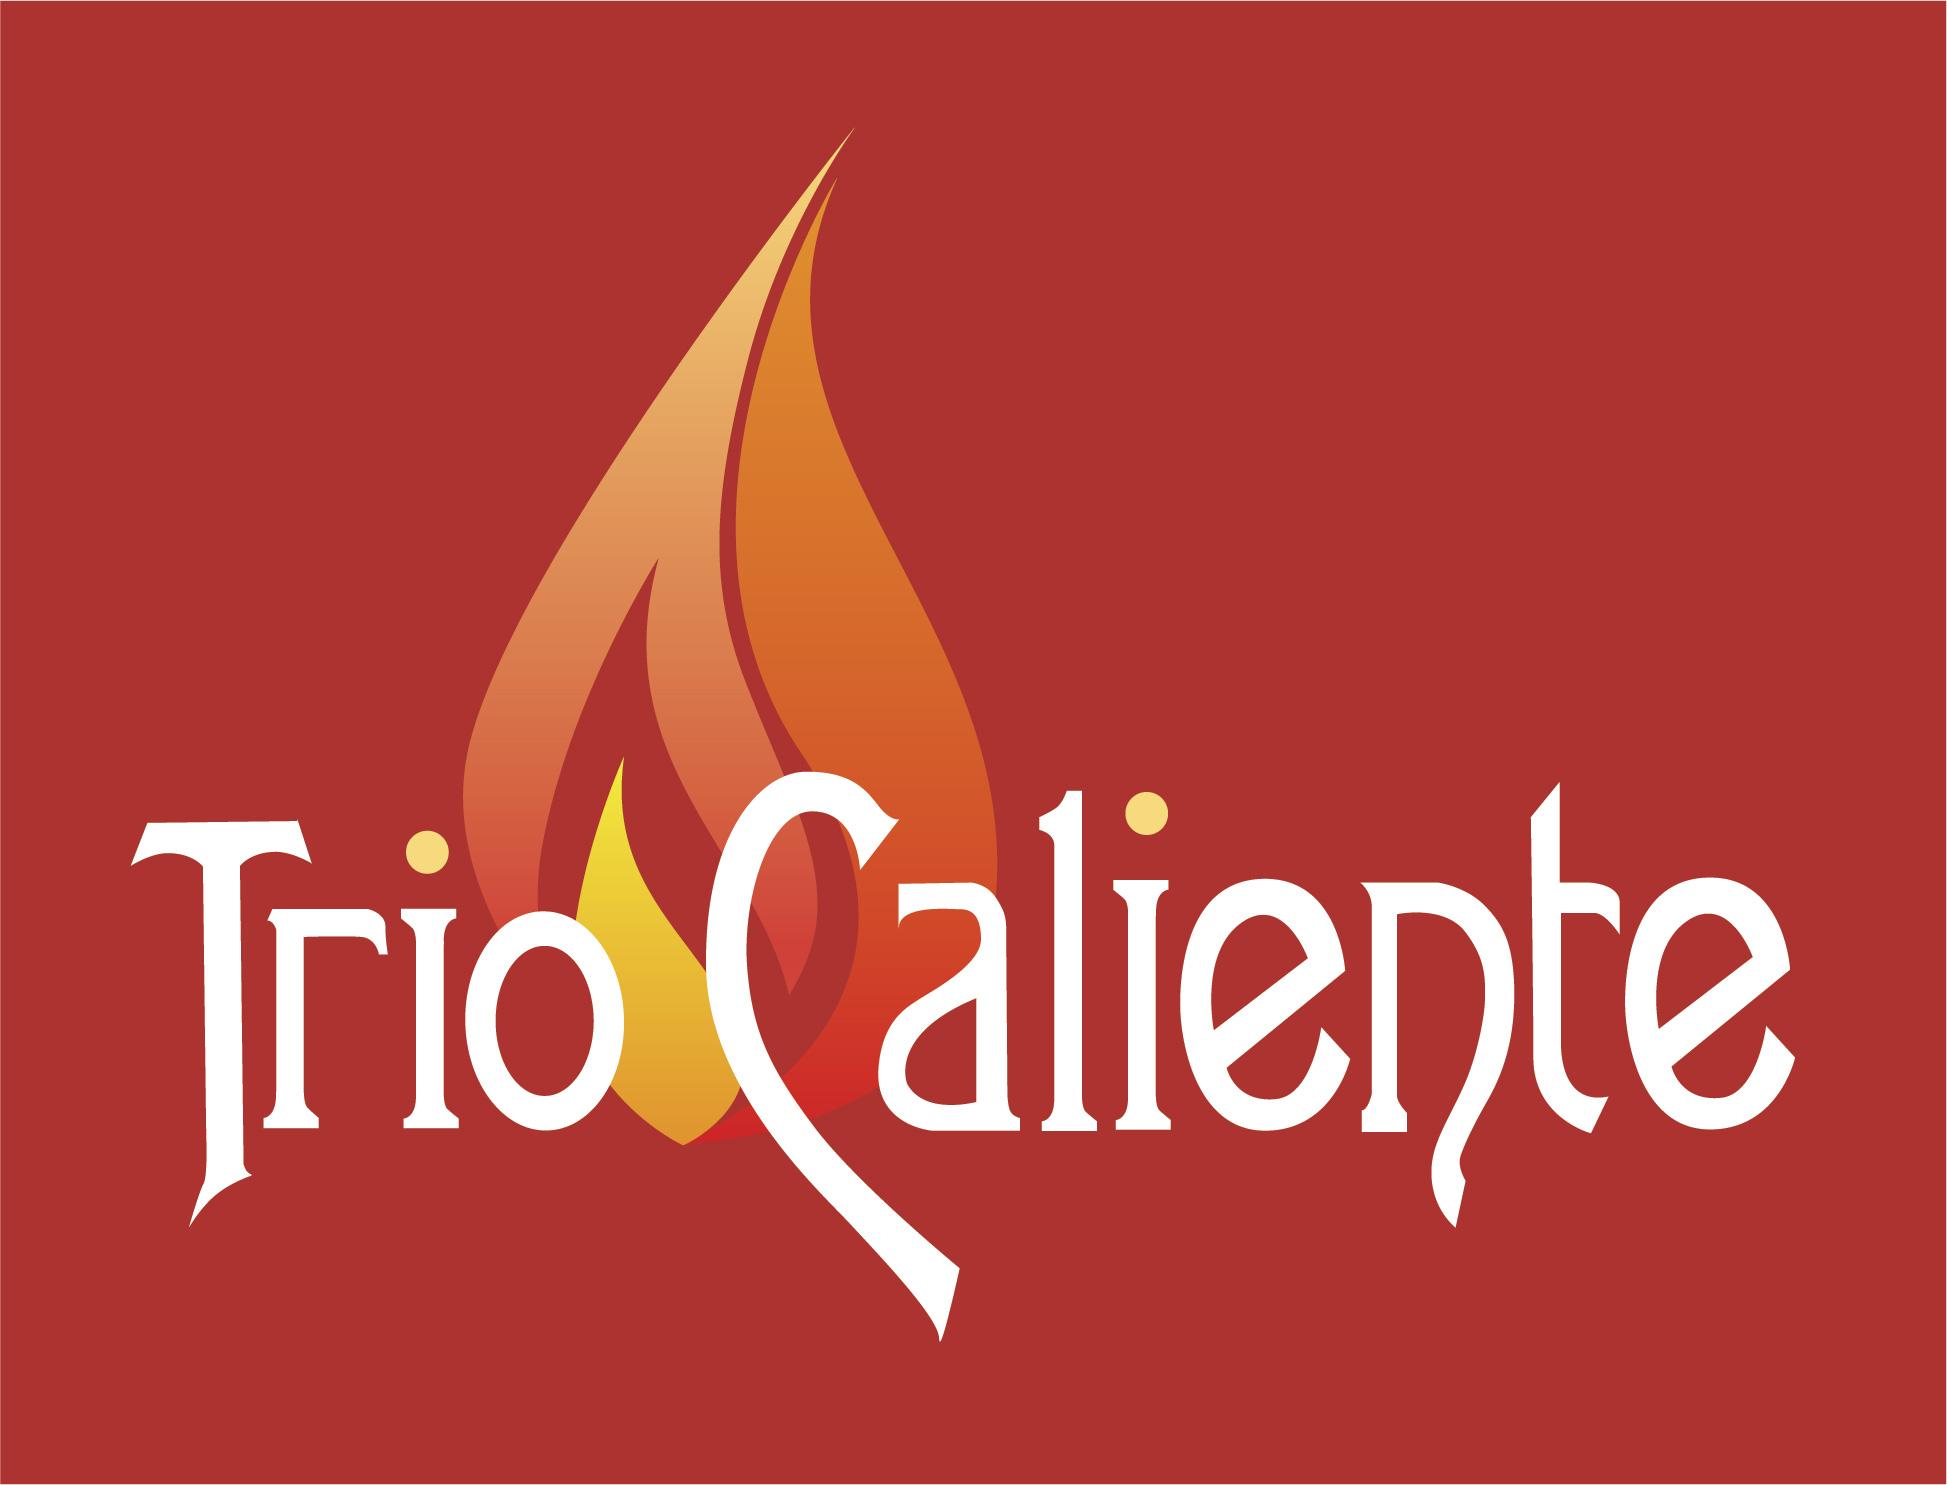 Trio Caliente Logo